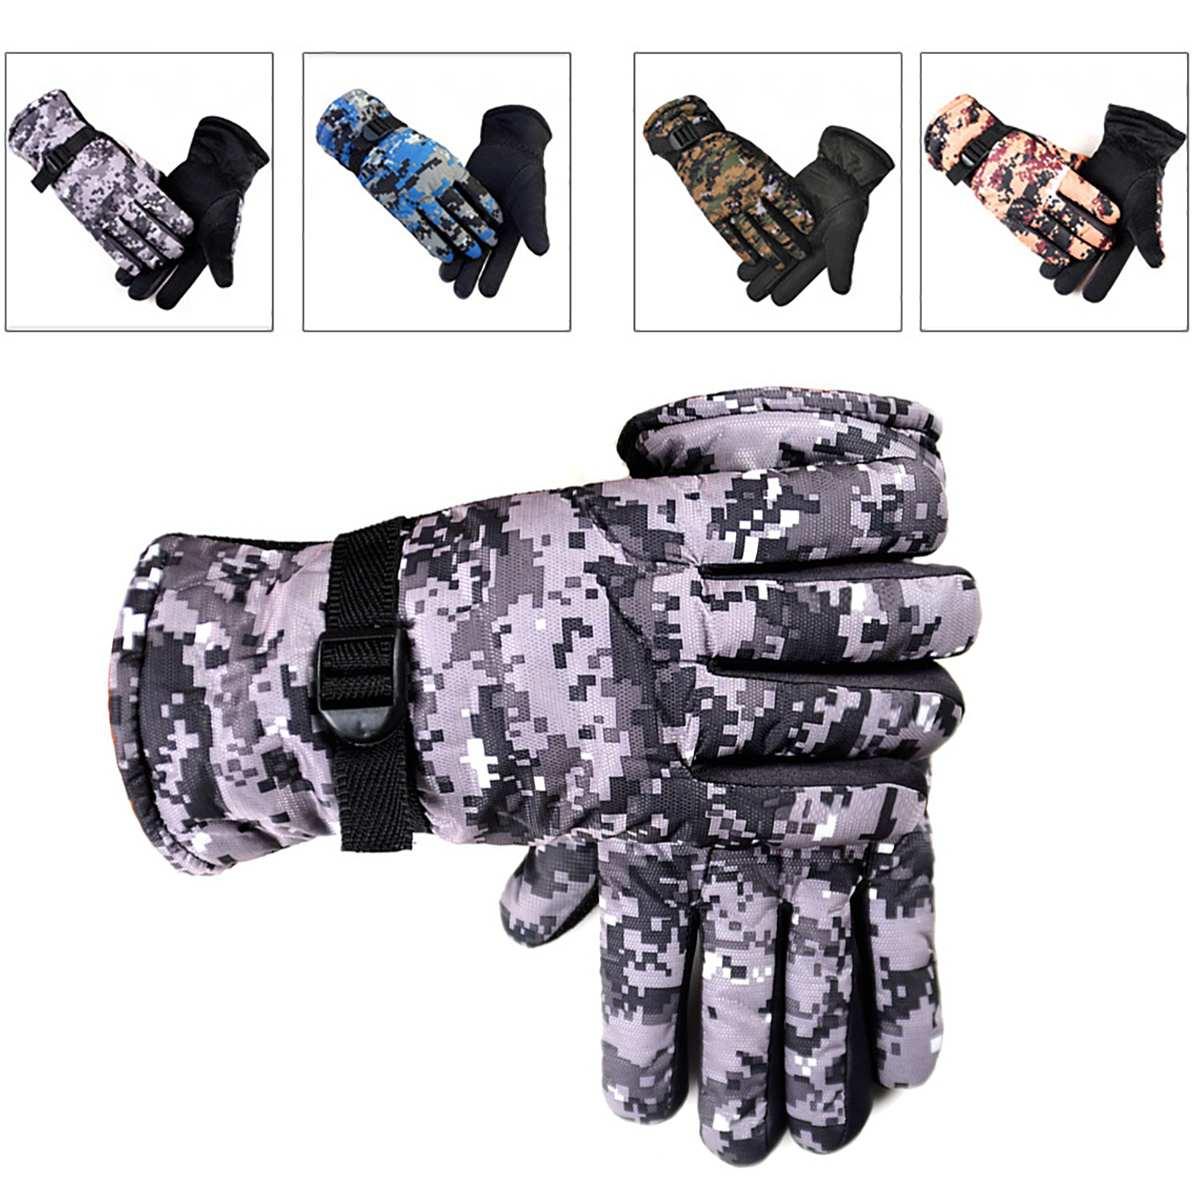 Ветрозащитные перчатки зимние унисекс Пара моделей мотоциклетные лыжные перчатки теплые камуфляжные водонепроницаемые камуфляжные толстые теплые перчатки